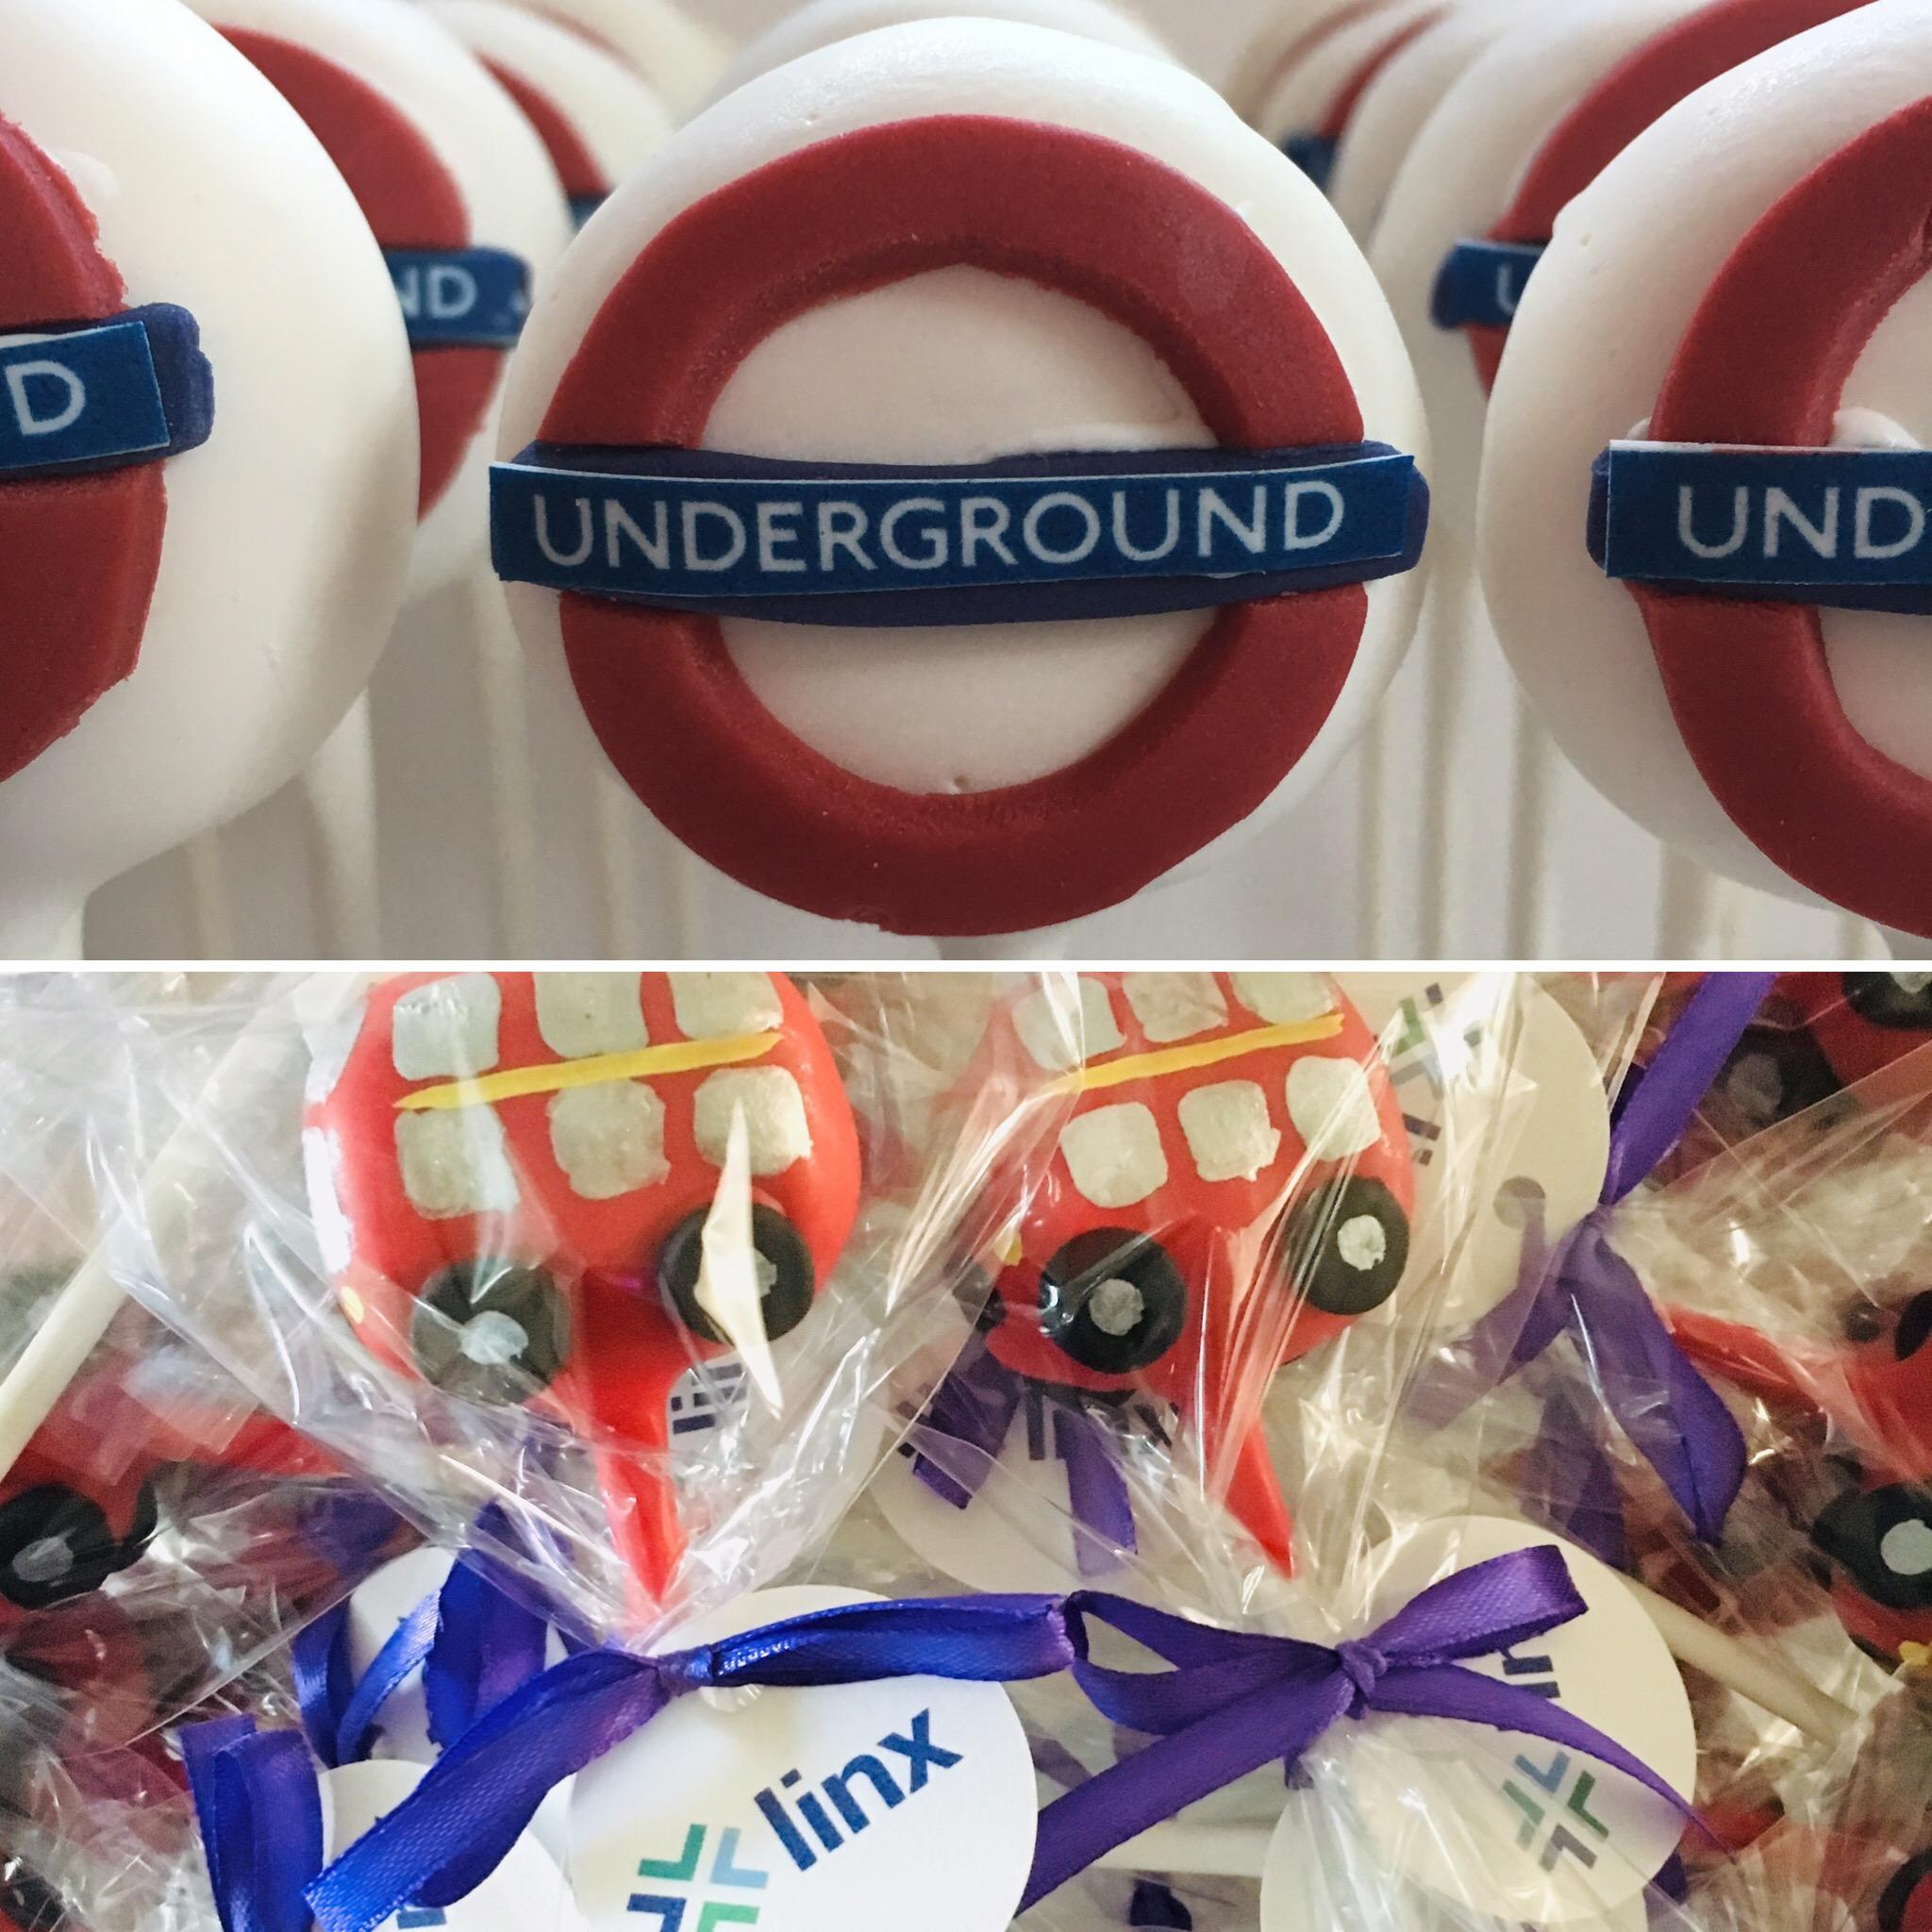 Linx London